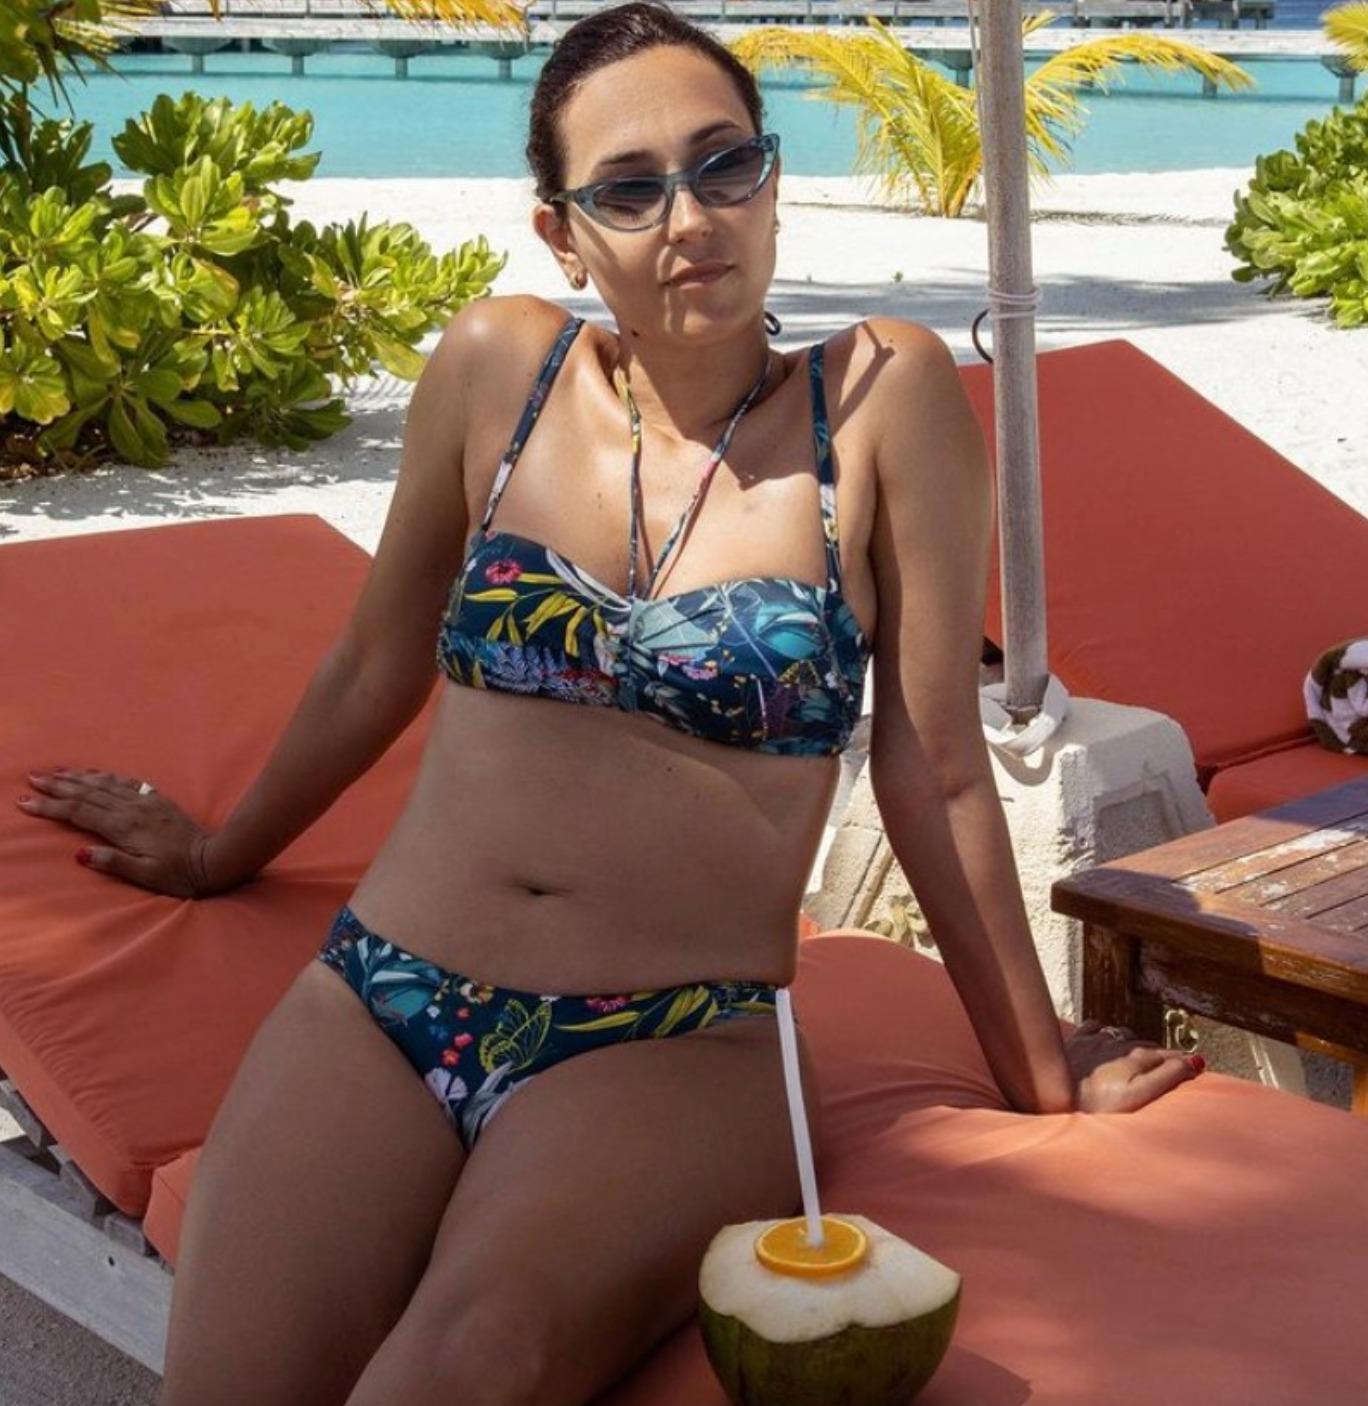 caterina balivo instagram foto fisico come è bikini